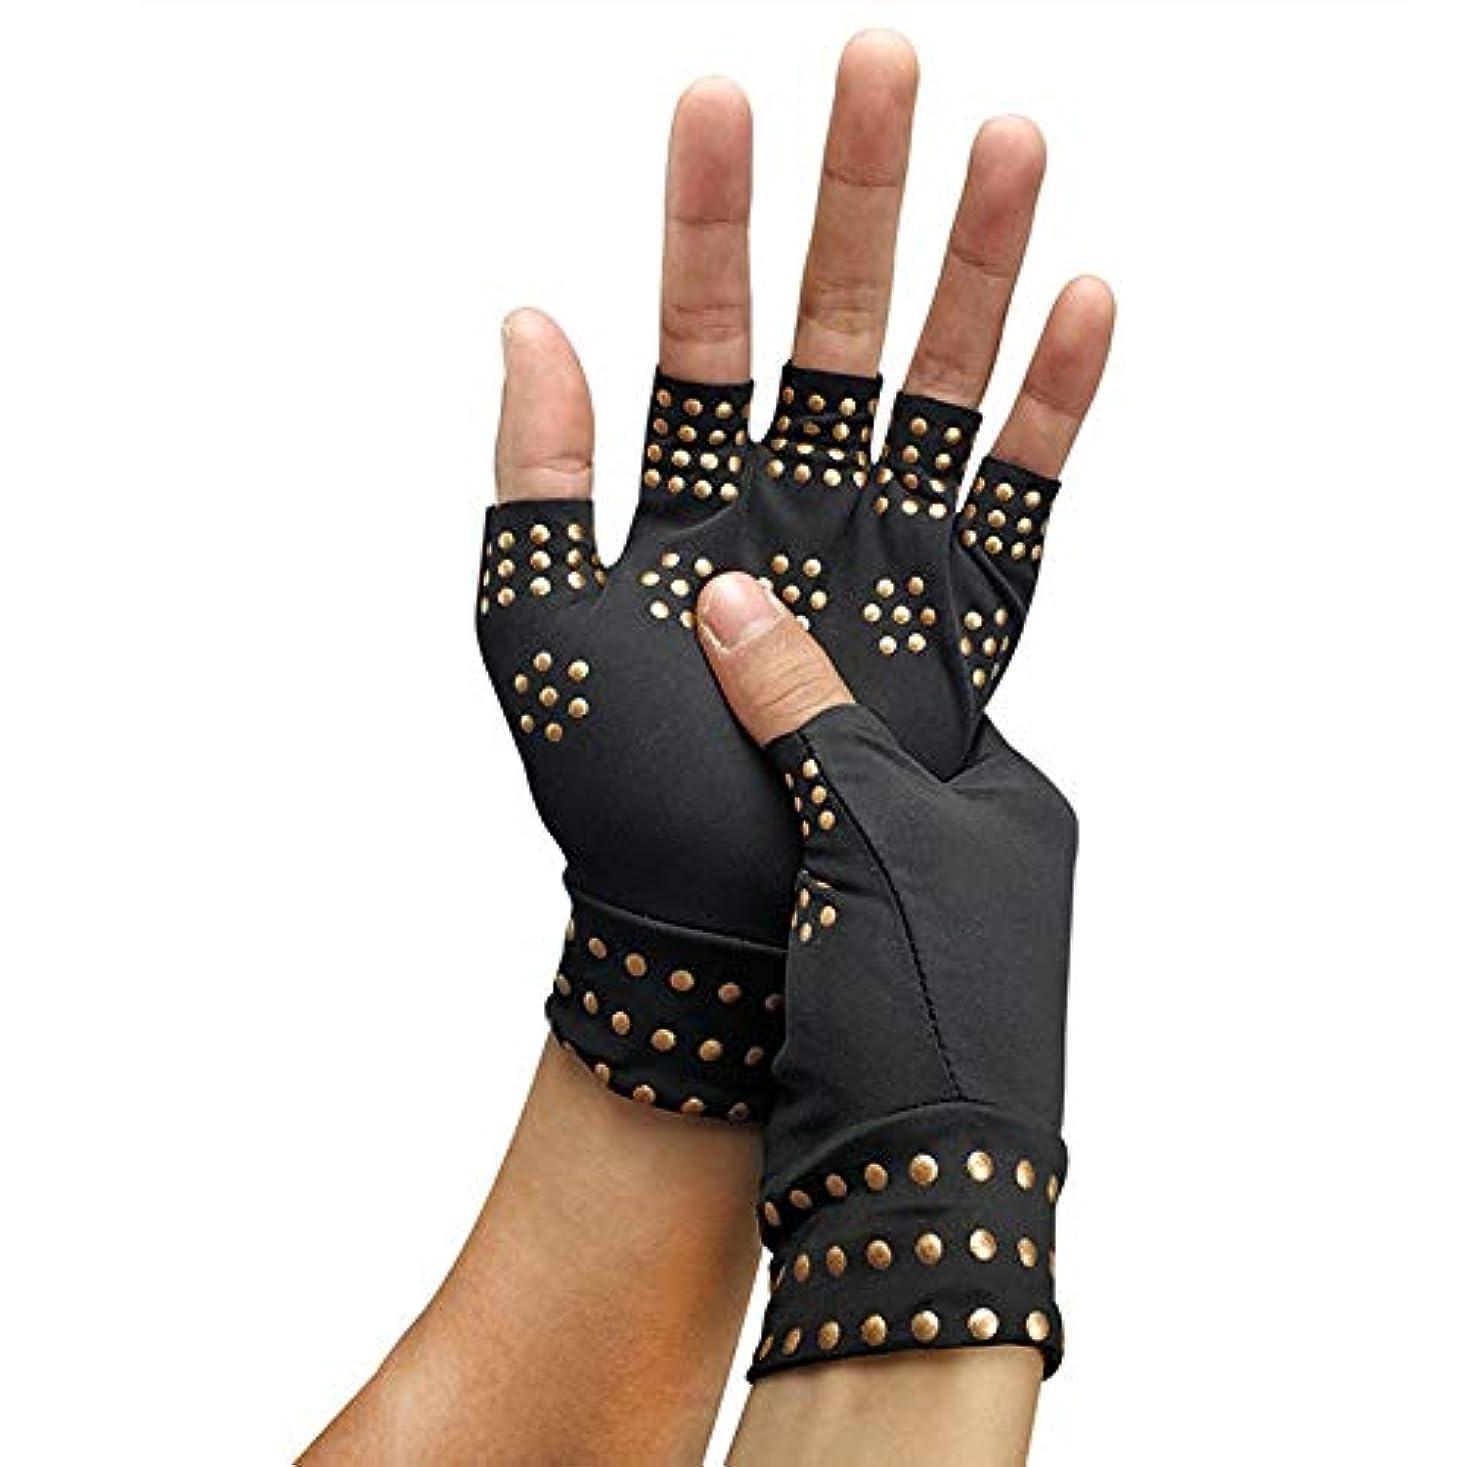 泳ぐ解釈ランチ圧迫関節炎の手袋、圧縮関節炎グローブ   ハーフフィンガープレッシャーグローブデイリーケアストレスヘルスケアグローブ関節炎痛みの軽減(3個)